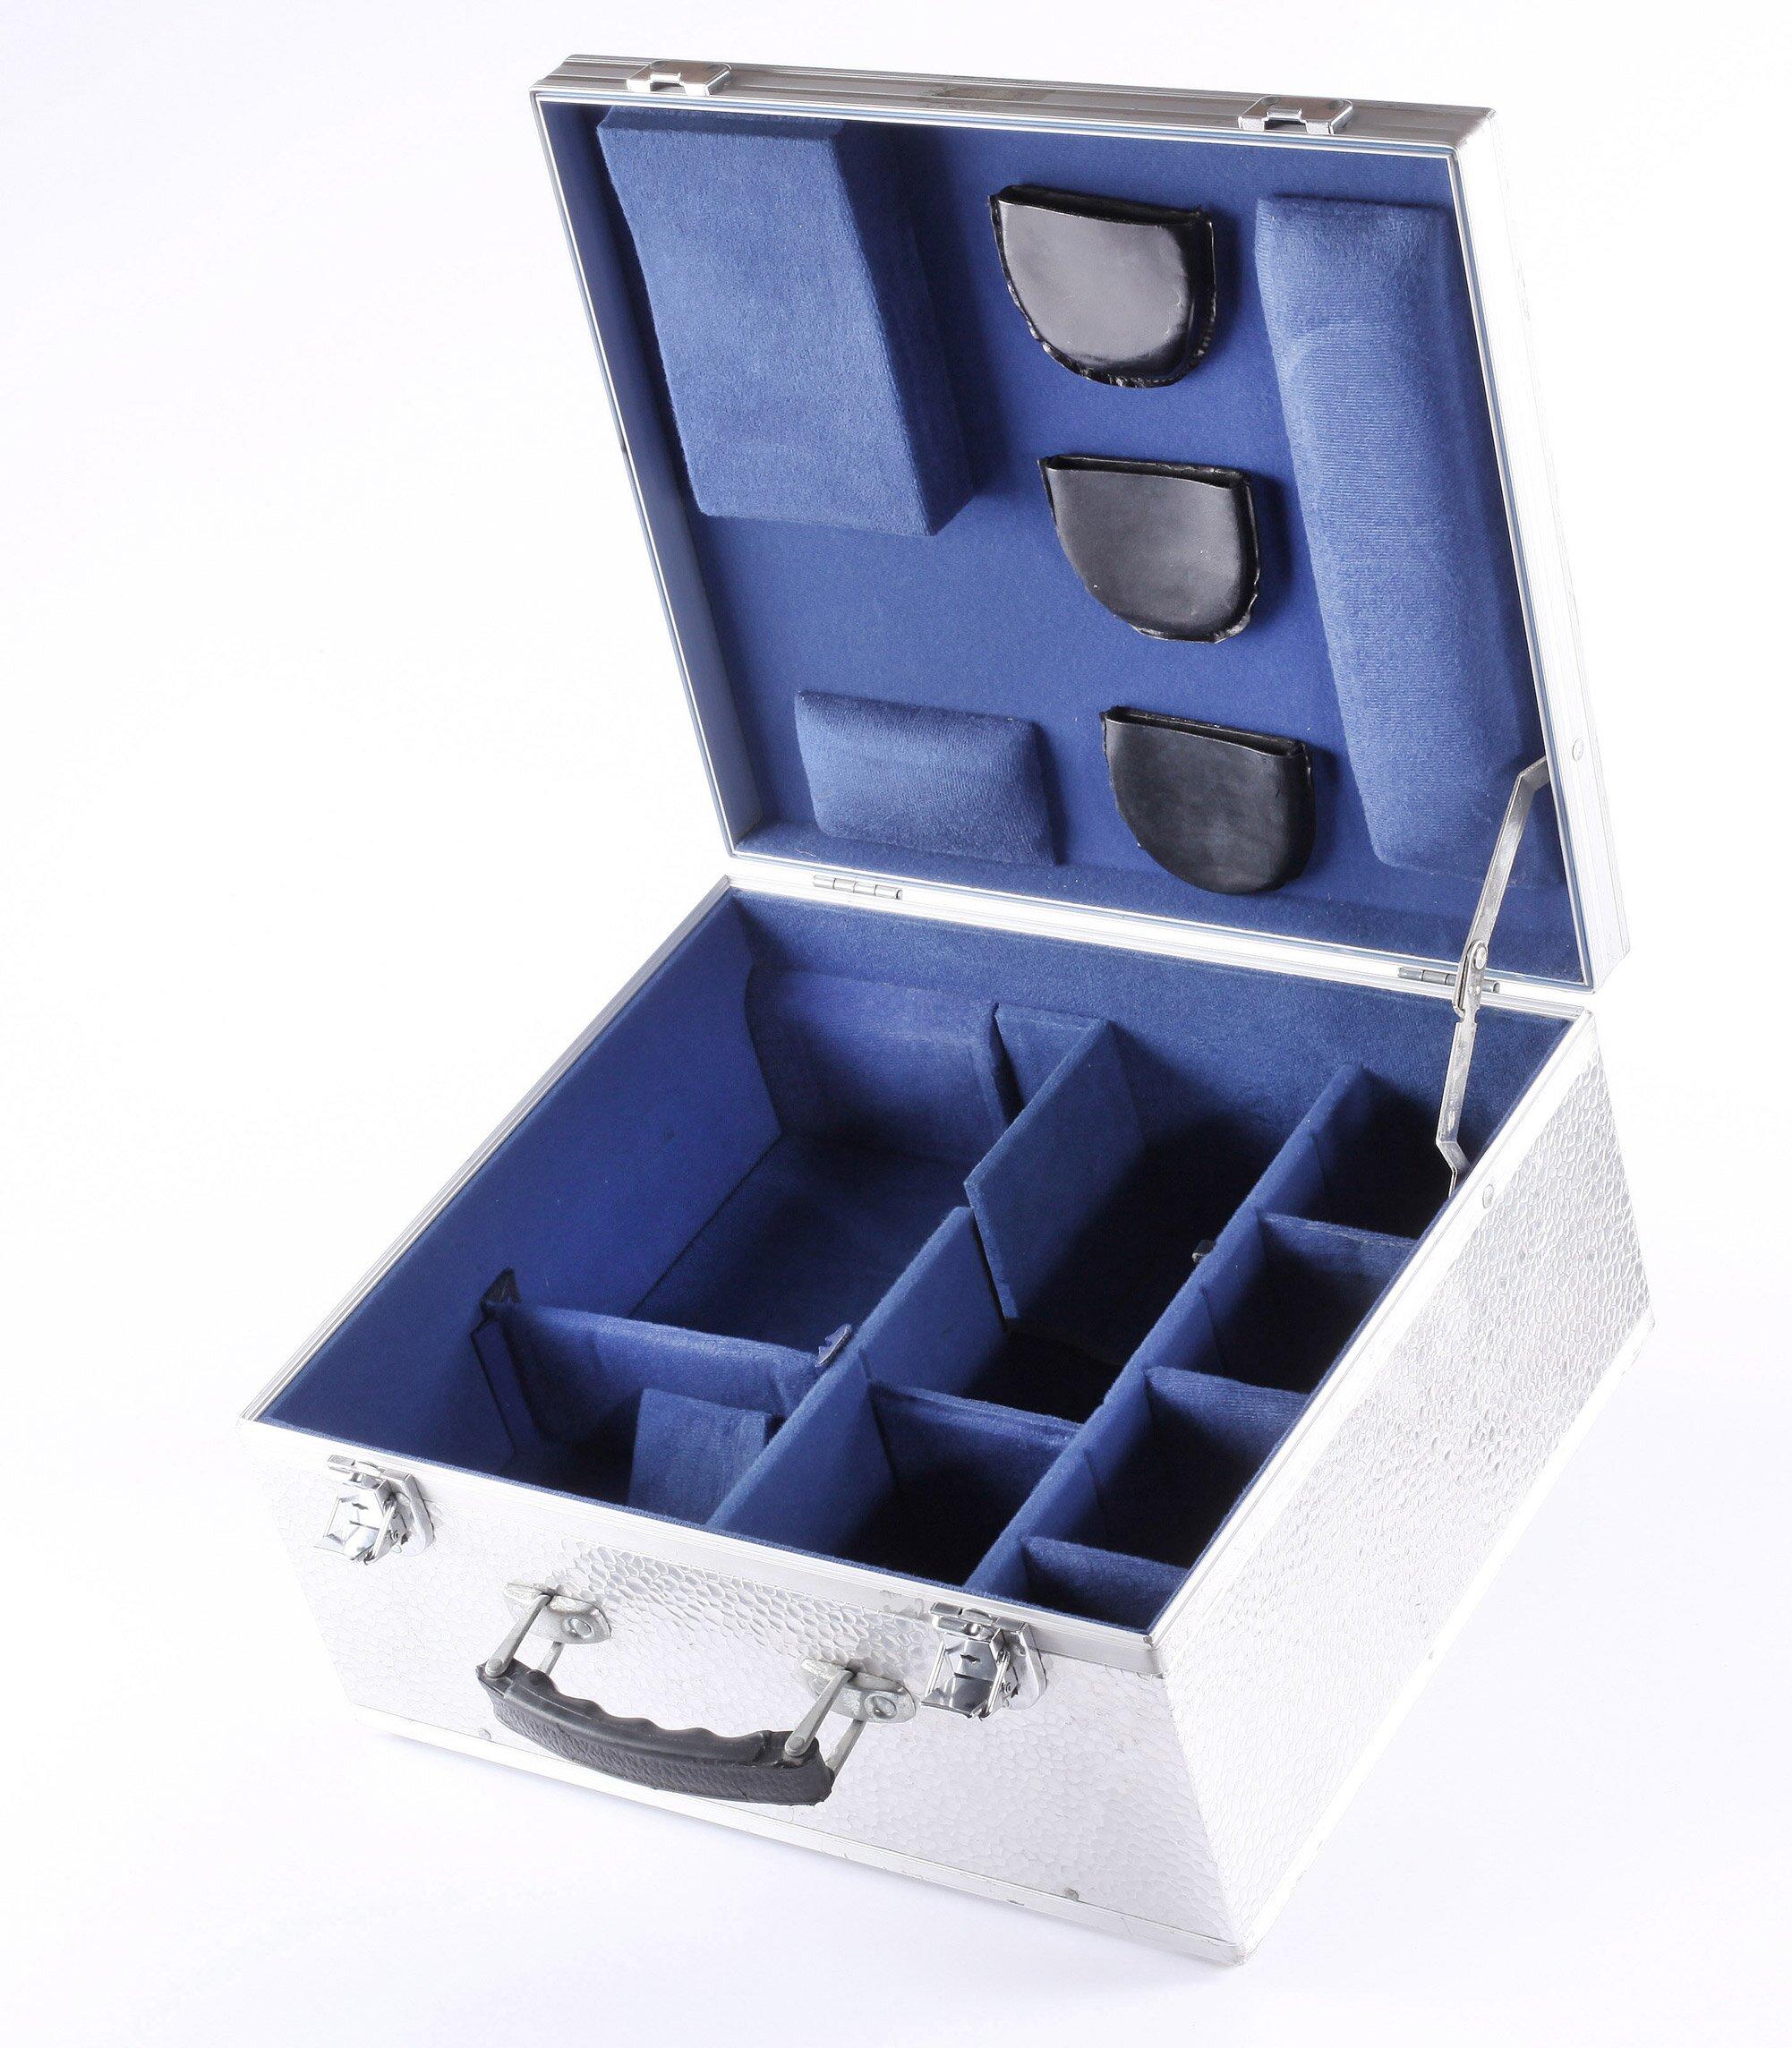 Rollei SL66 Koffer Rolleiflex